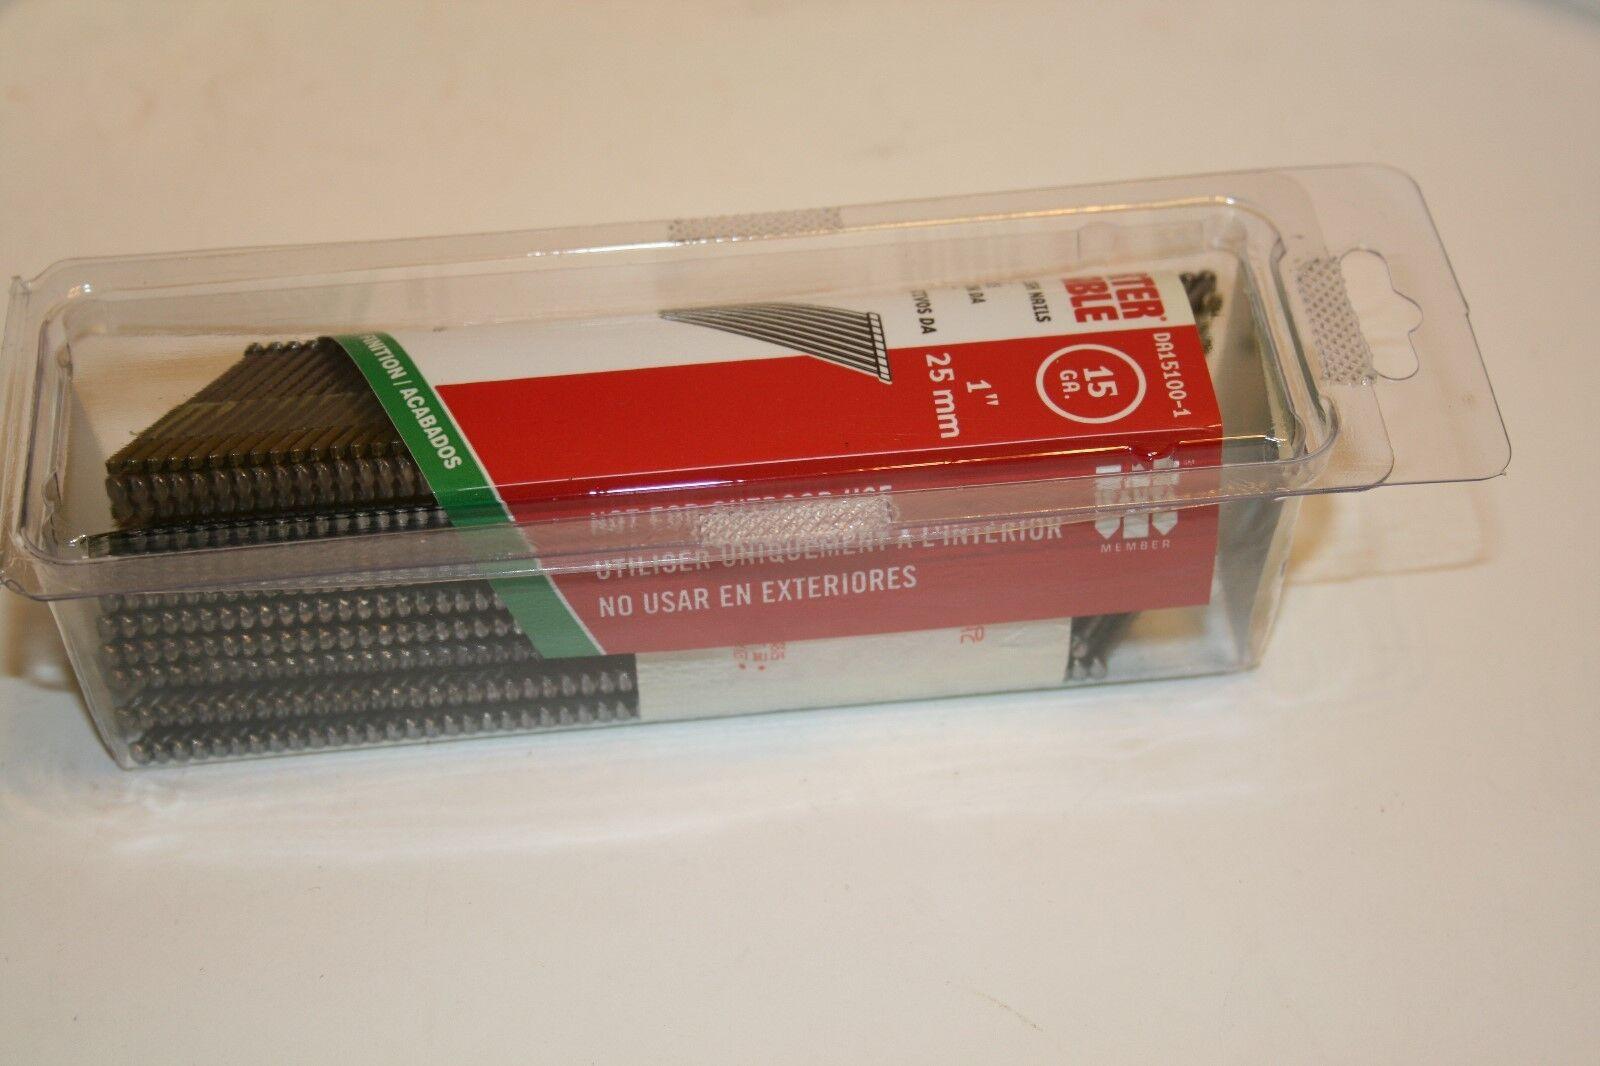 NEW Porter Cable DA15100-1 Finish Nails 15 GA 1 inch 25mm 1000 nails in box